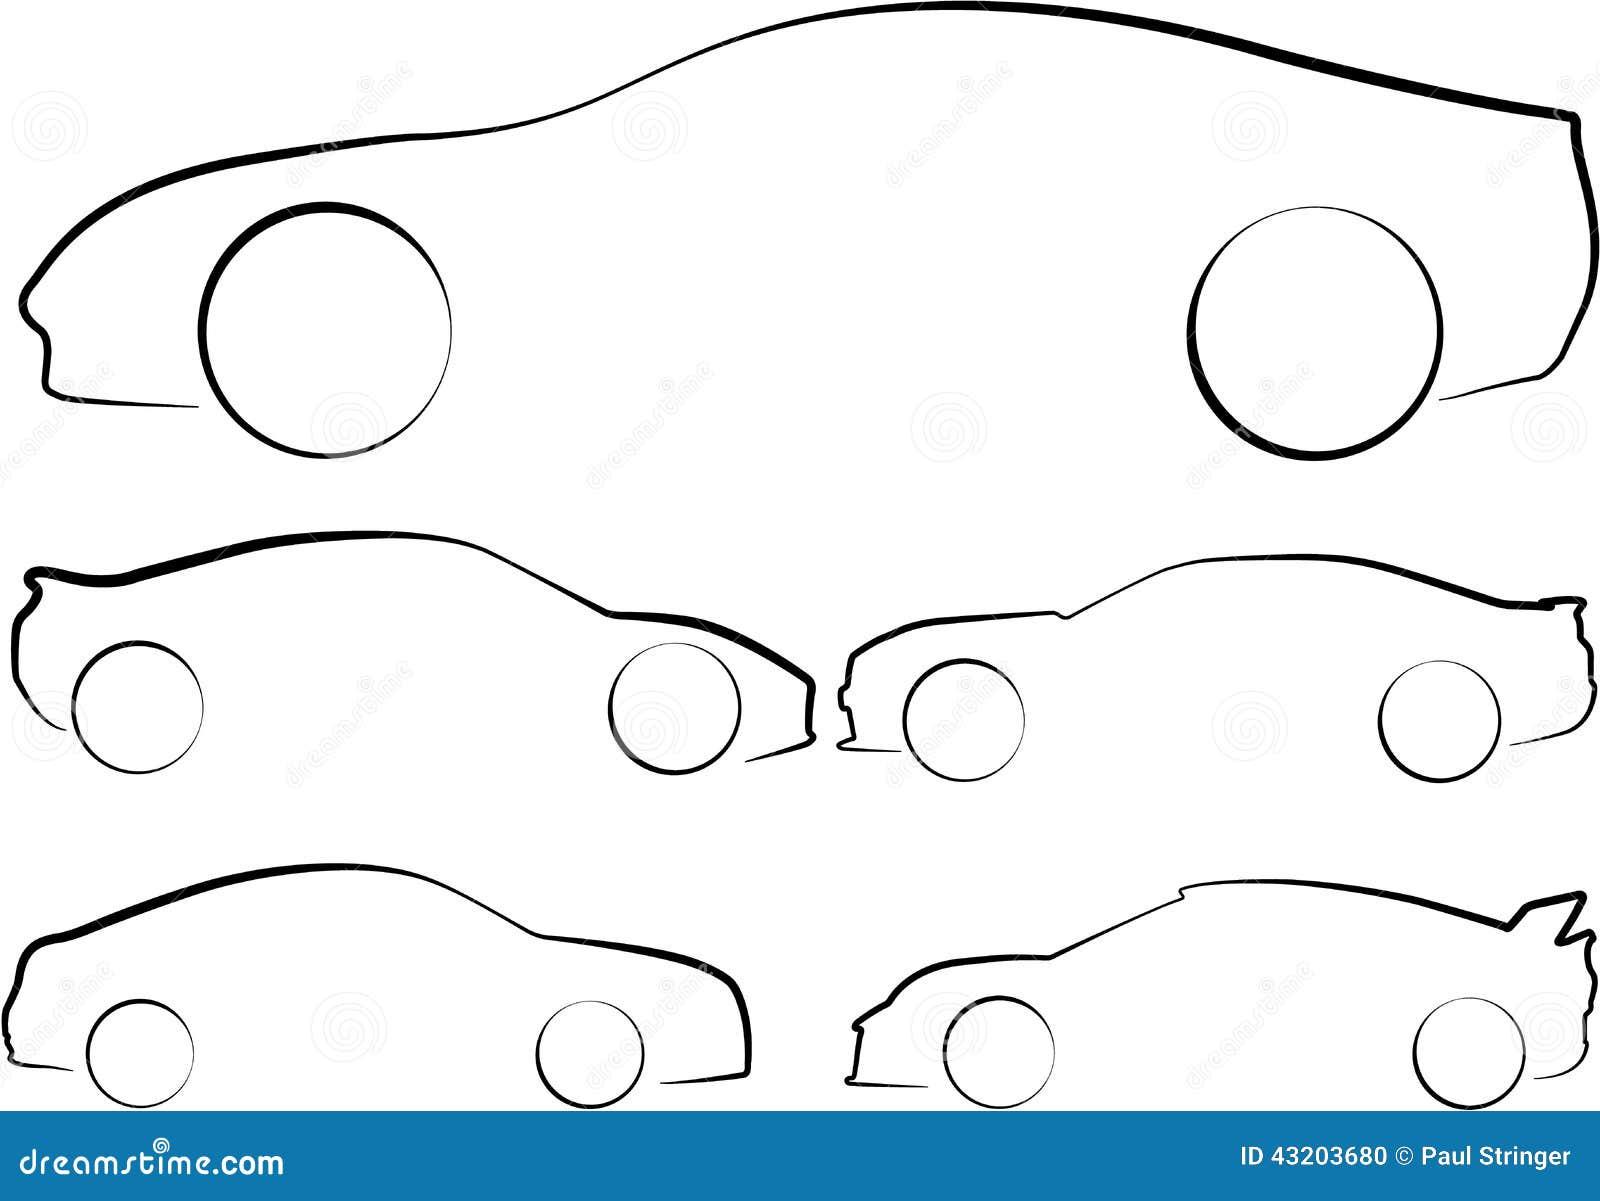 Download Illustration Av översikter Av Bilar Stock Illustrationer - Illustration av isolerat, symbol: 43203680